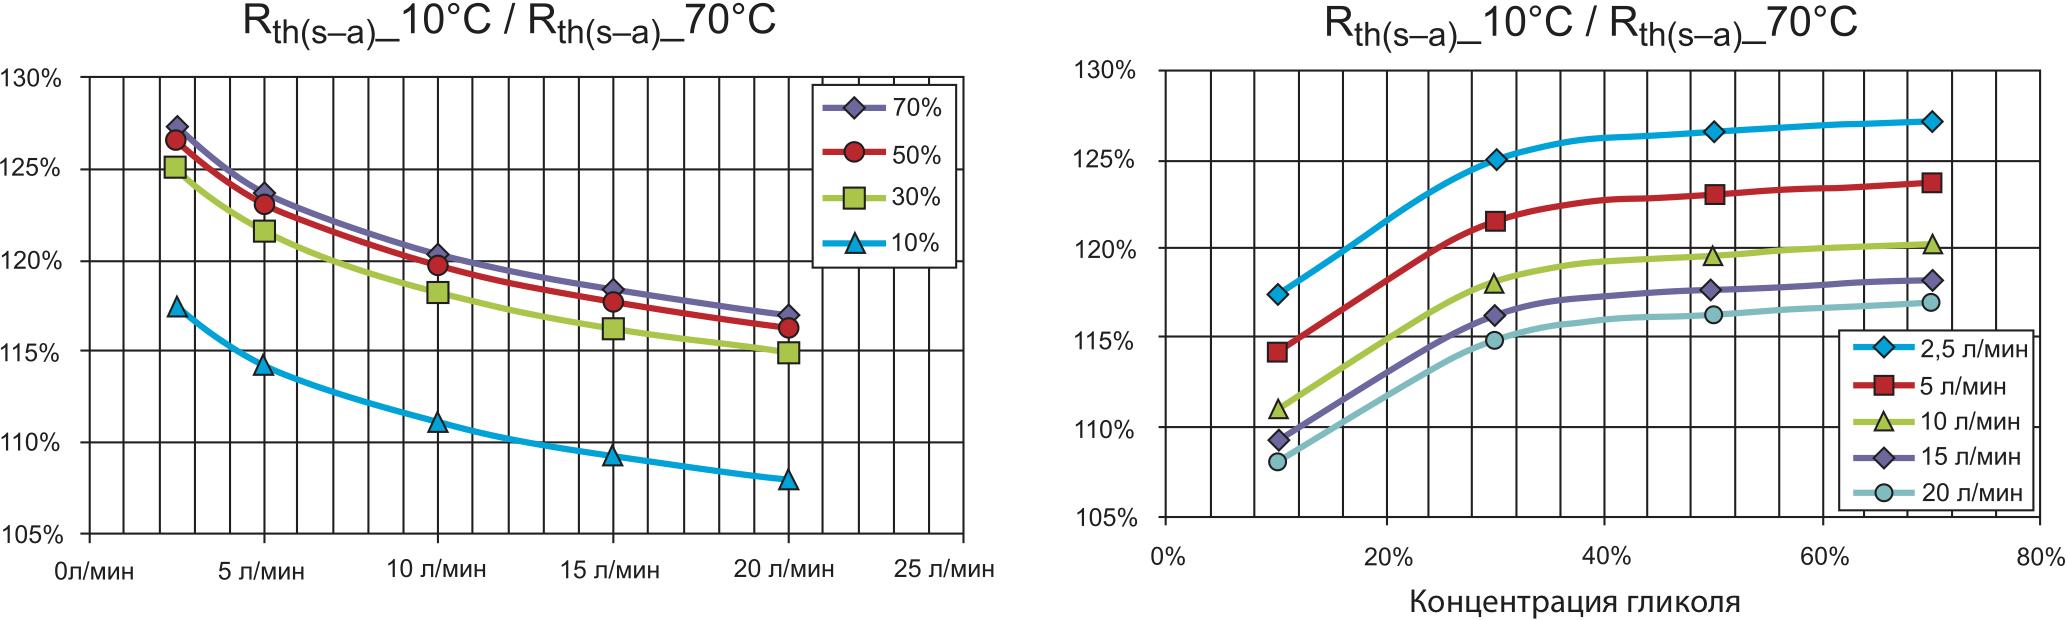 Нормализованное тепловое сопротивление Rth(s–a) (10/70 °С) при различной концентрации гликоля и скорости потока